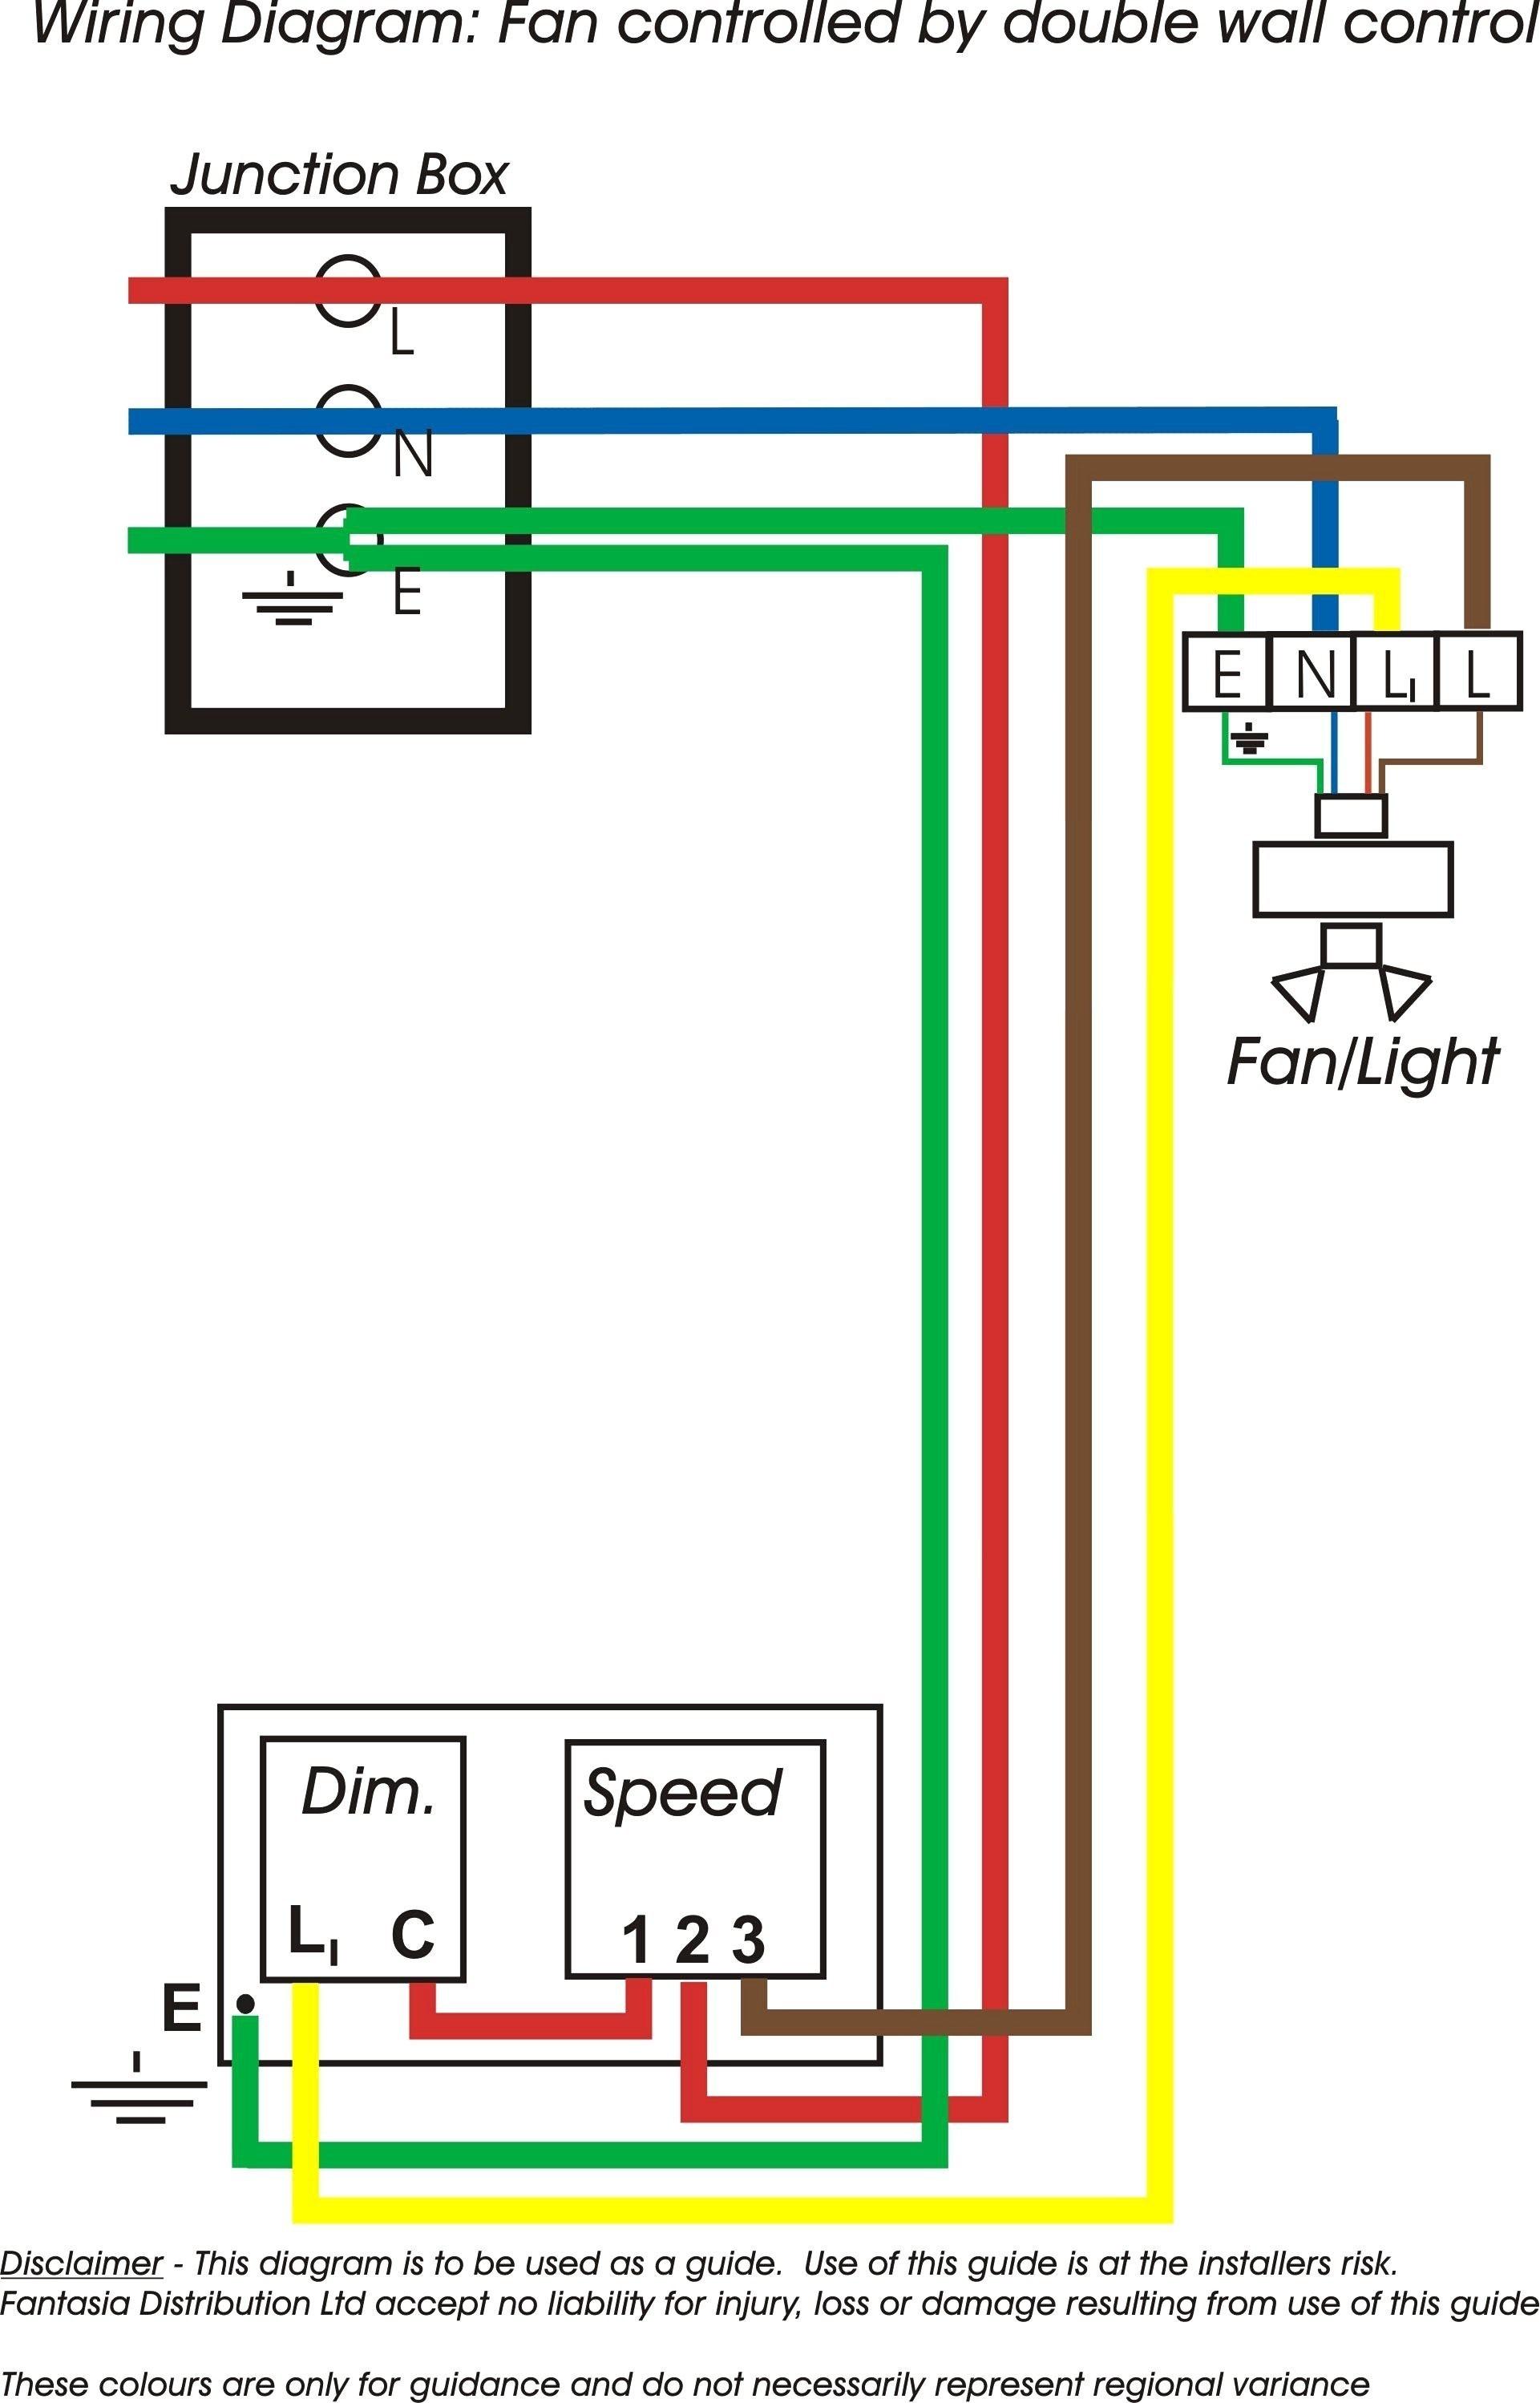 Bathroom Ventilation Fan Wiring Diagram   Manual E-Books - Wiring A Bathroom Fan And Light Diagram